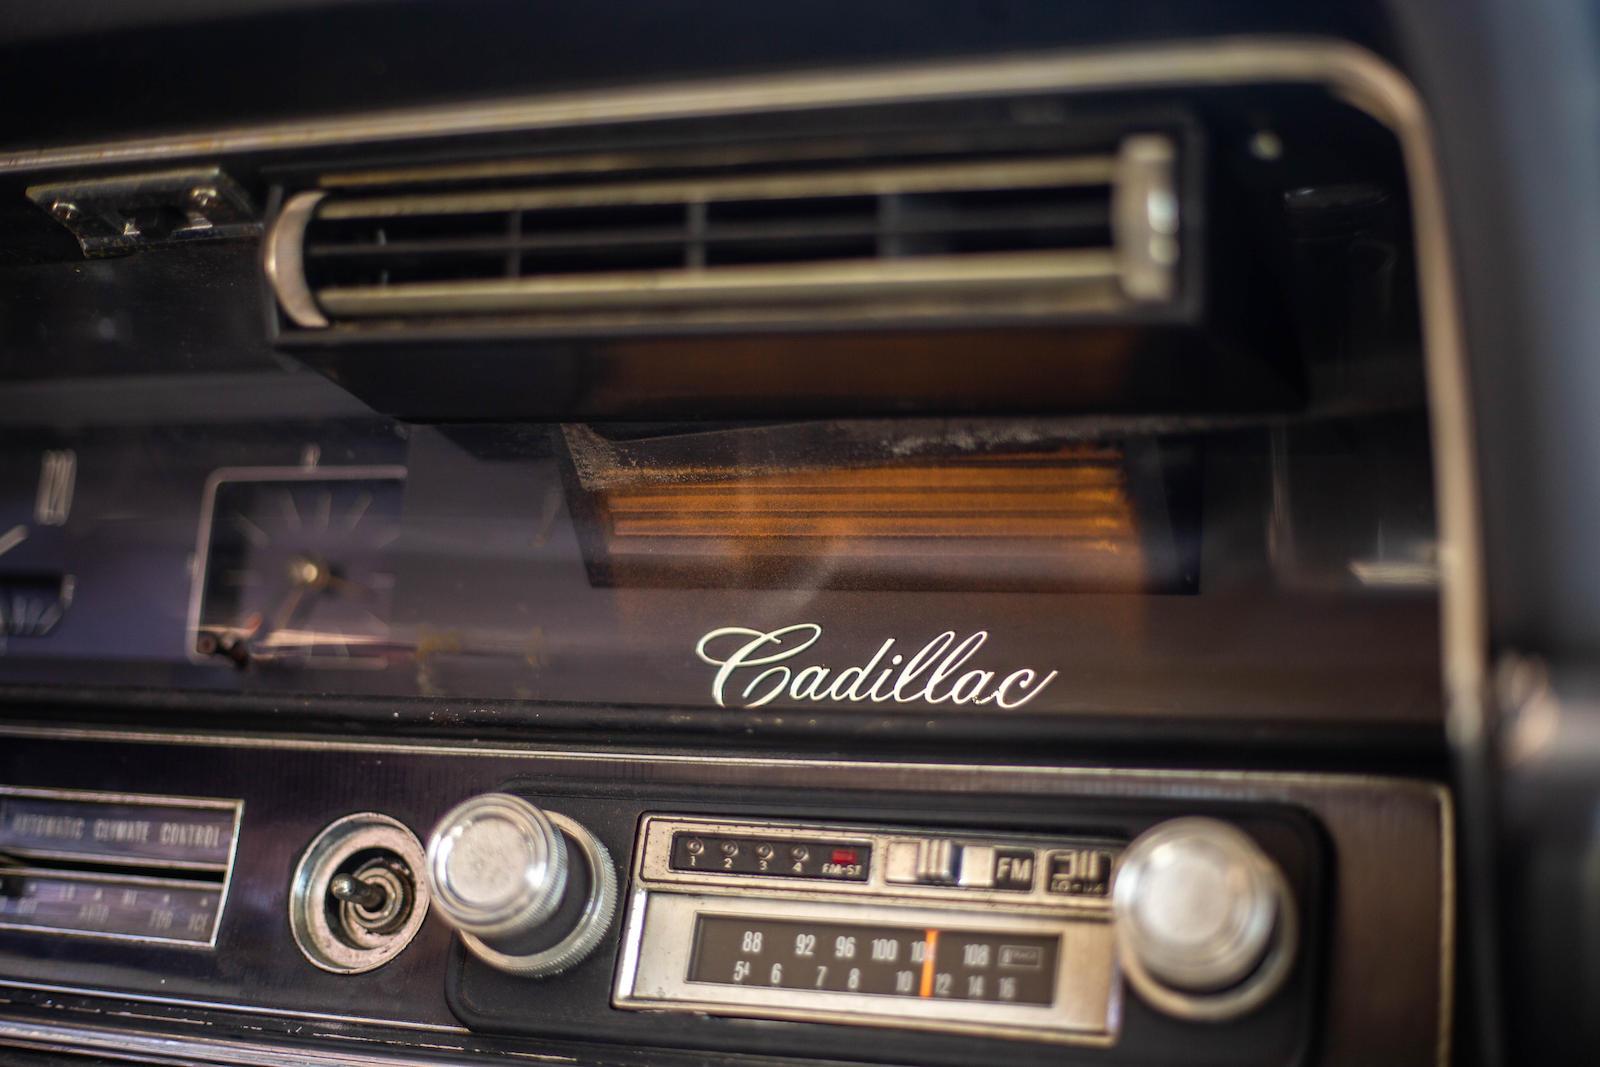 1967 Cadillac Eldorado radio